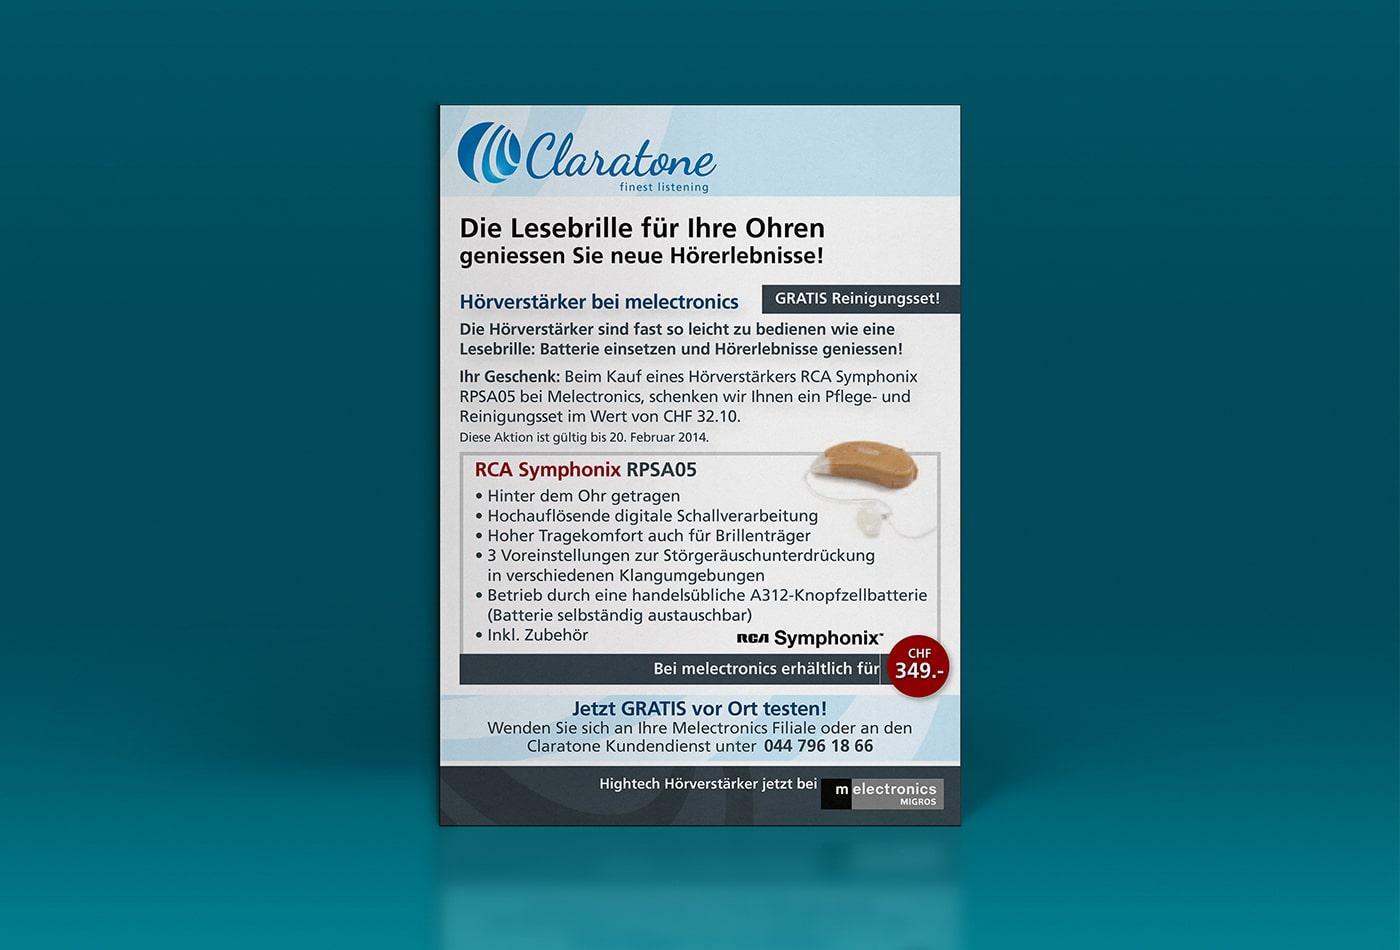 wildefreunde-kunde-claratone-anzeige-1400x950-min